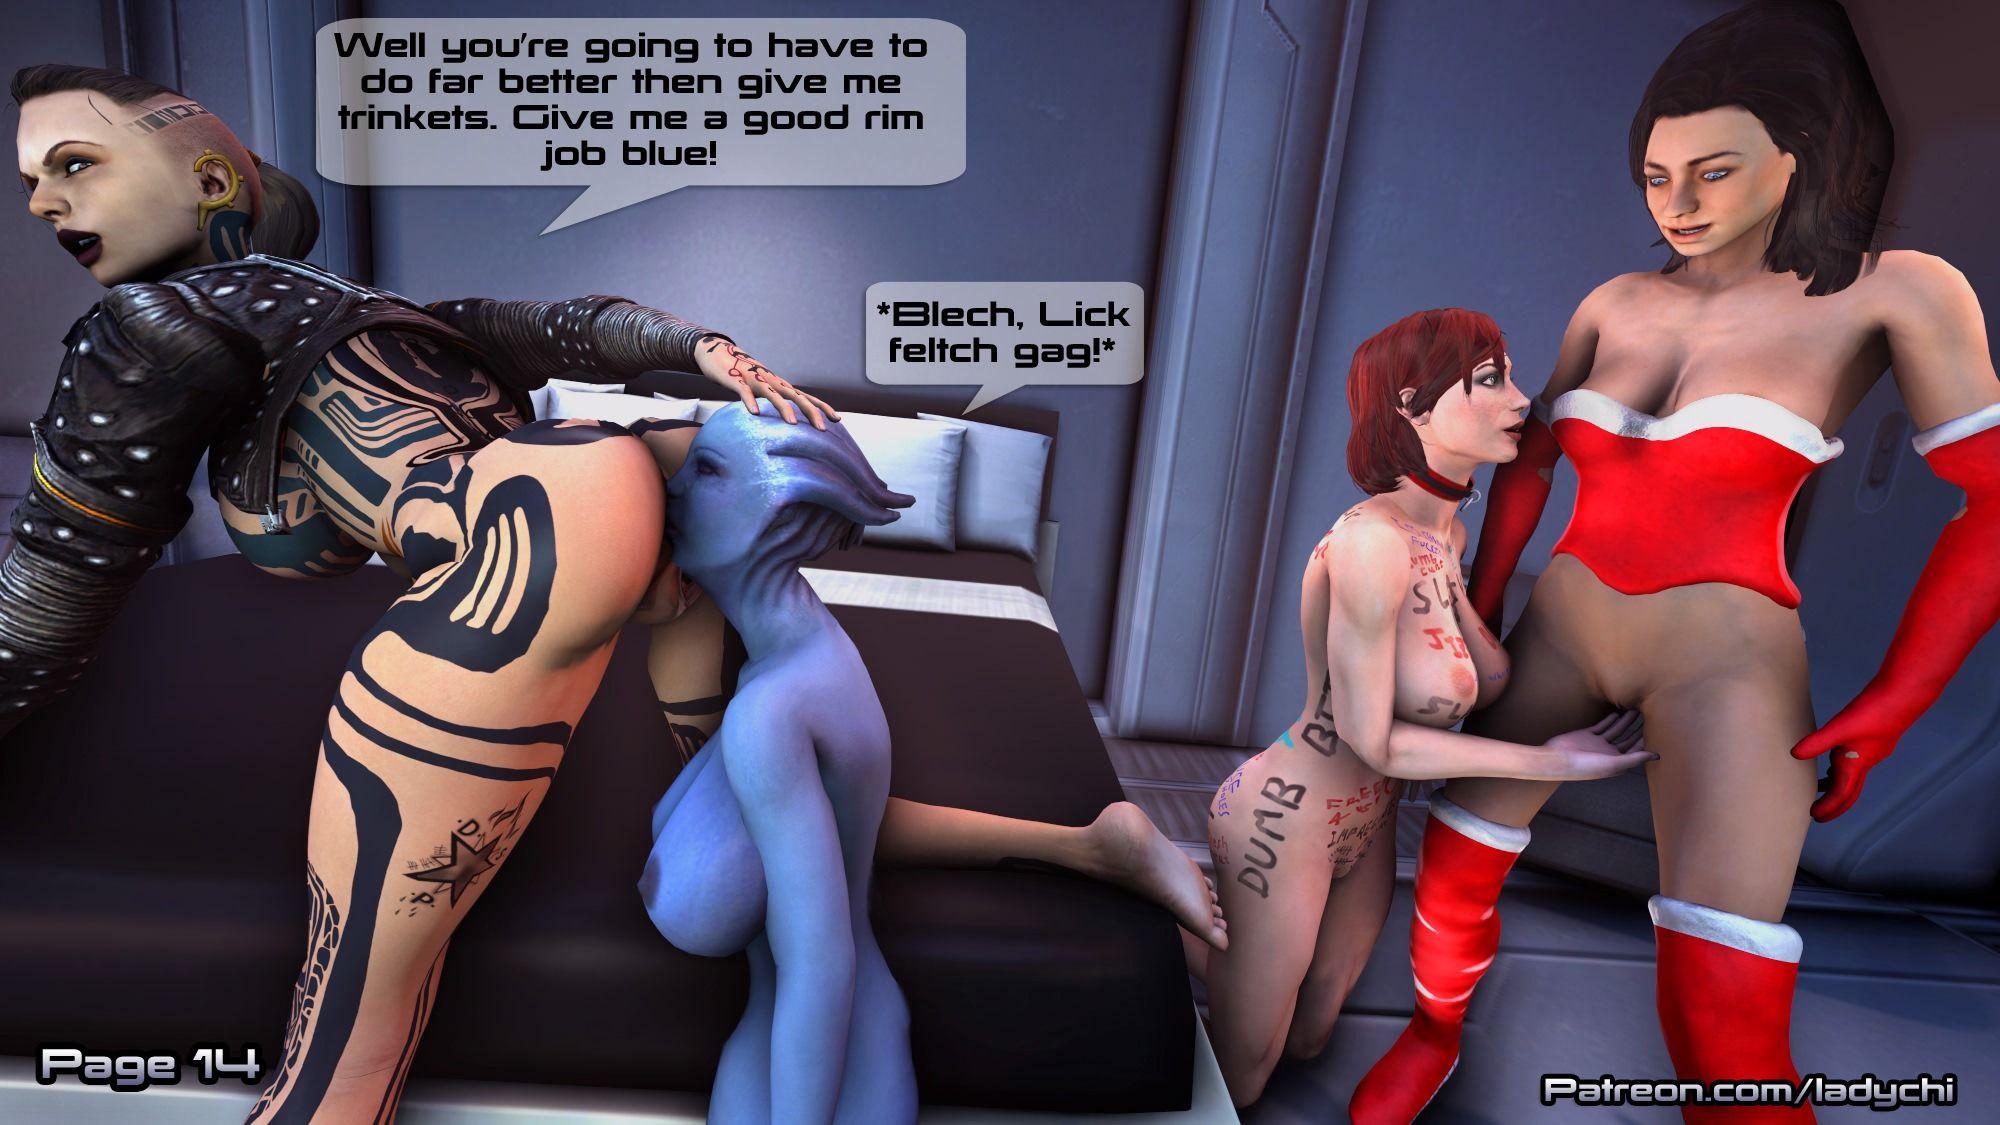 Liara_X-Mass_Gifts!_Ladychi_(Mass_Effect) comix_57933.jpg